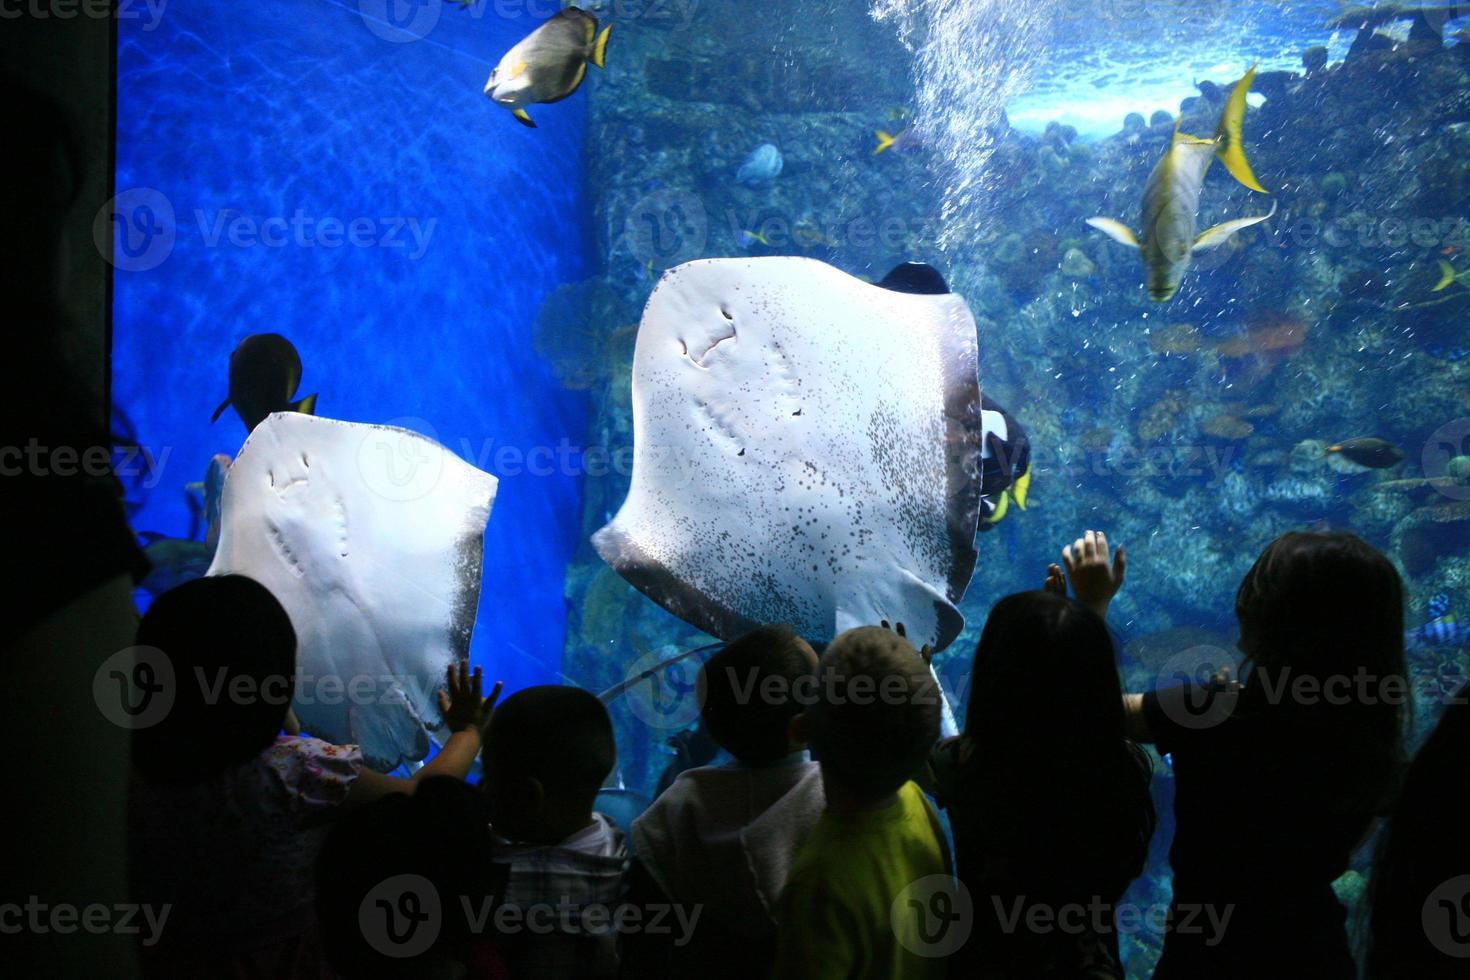 rayas en un acuario gigante con niños mirando foto